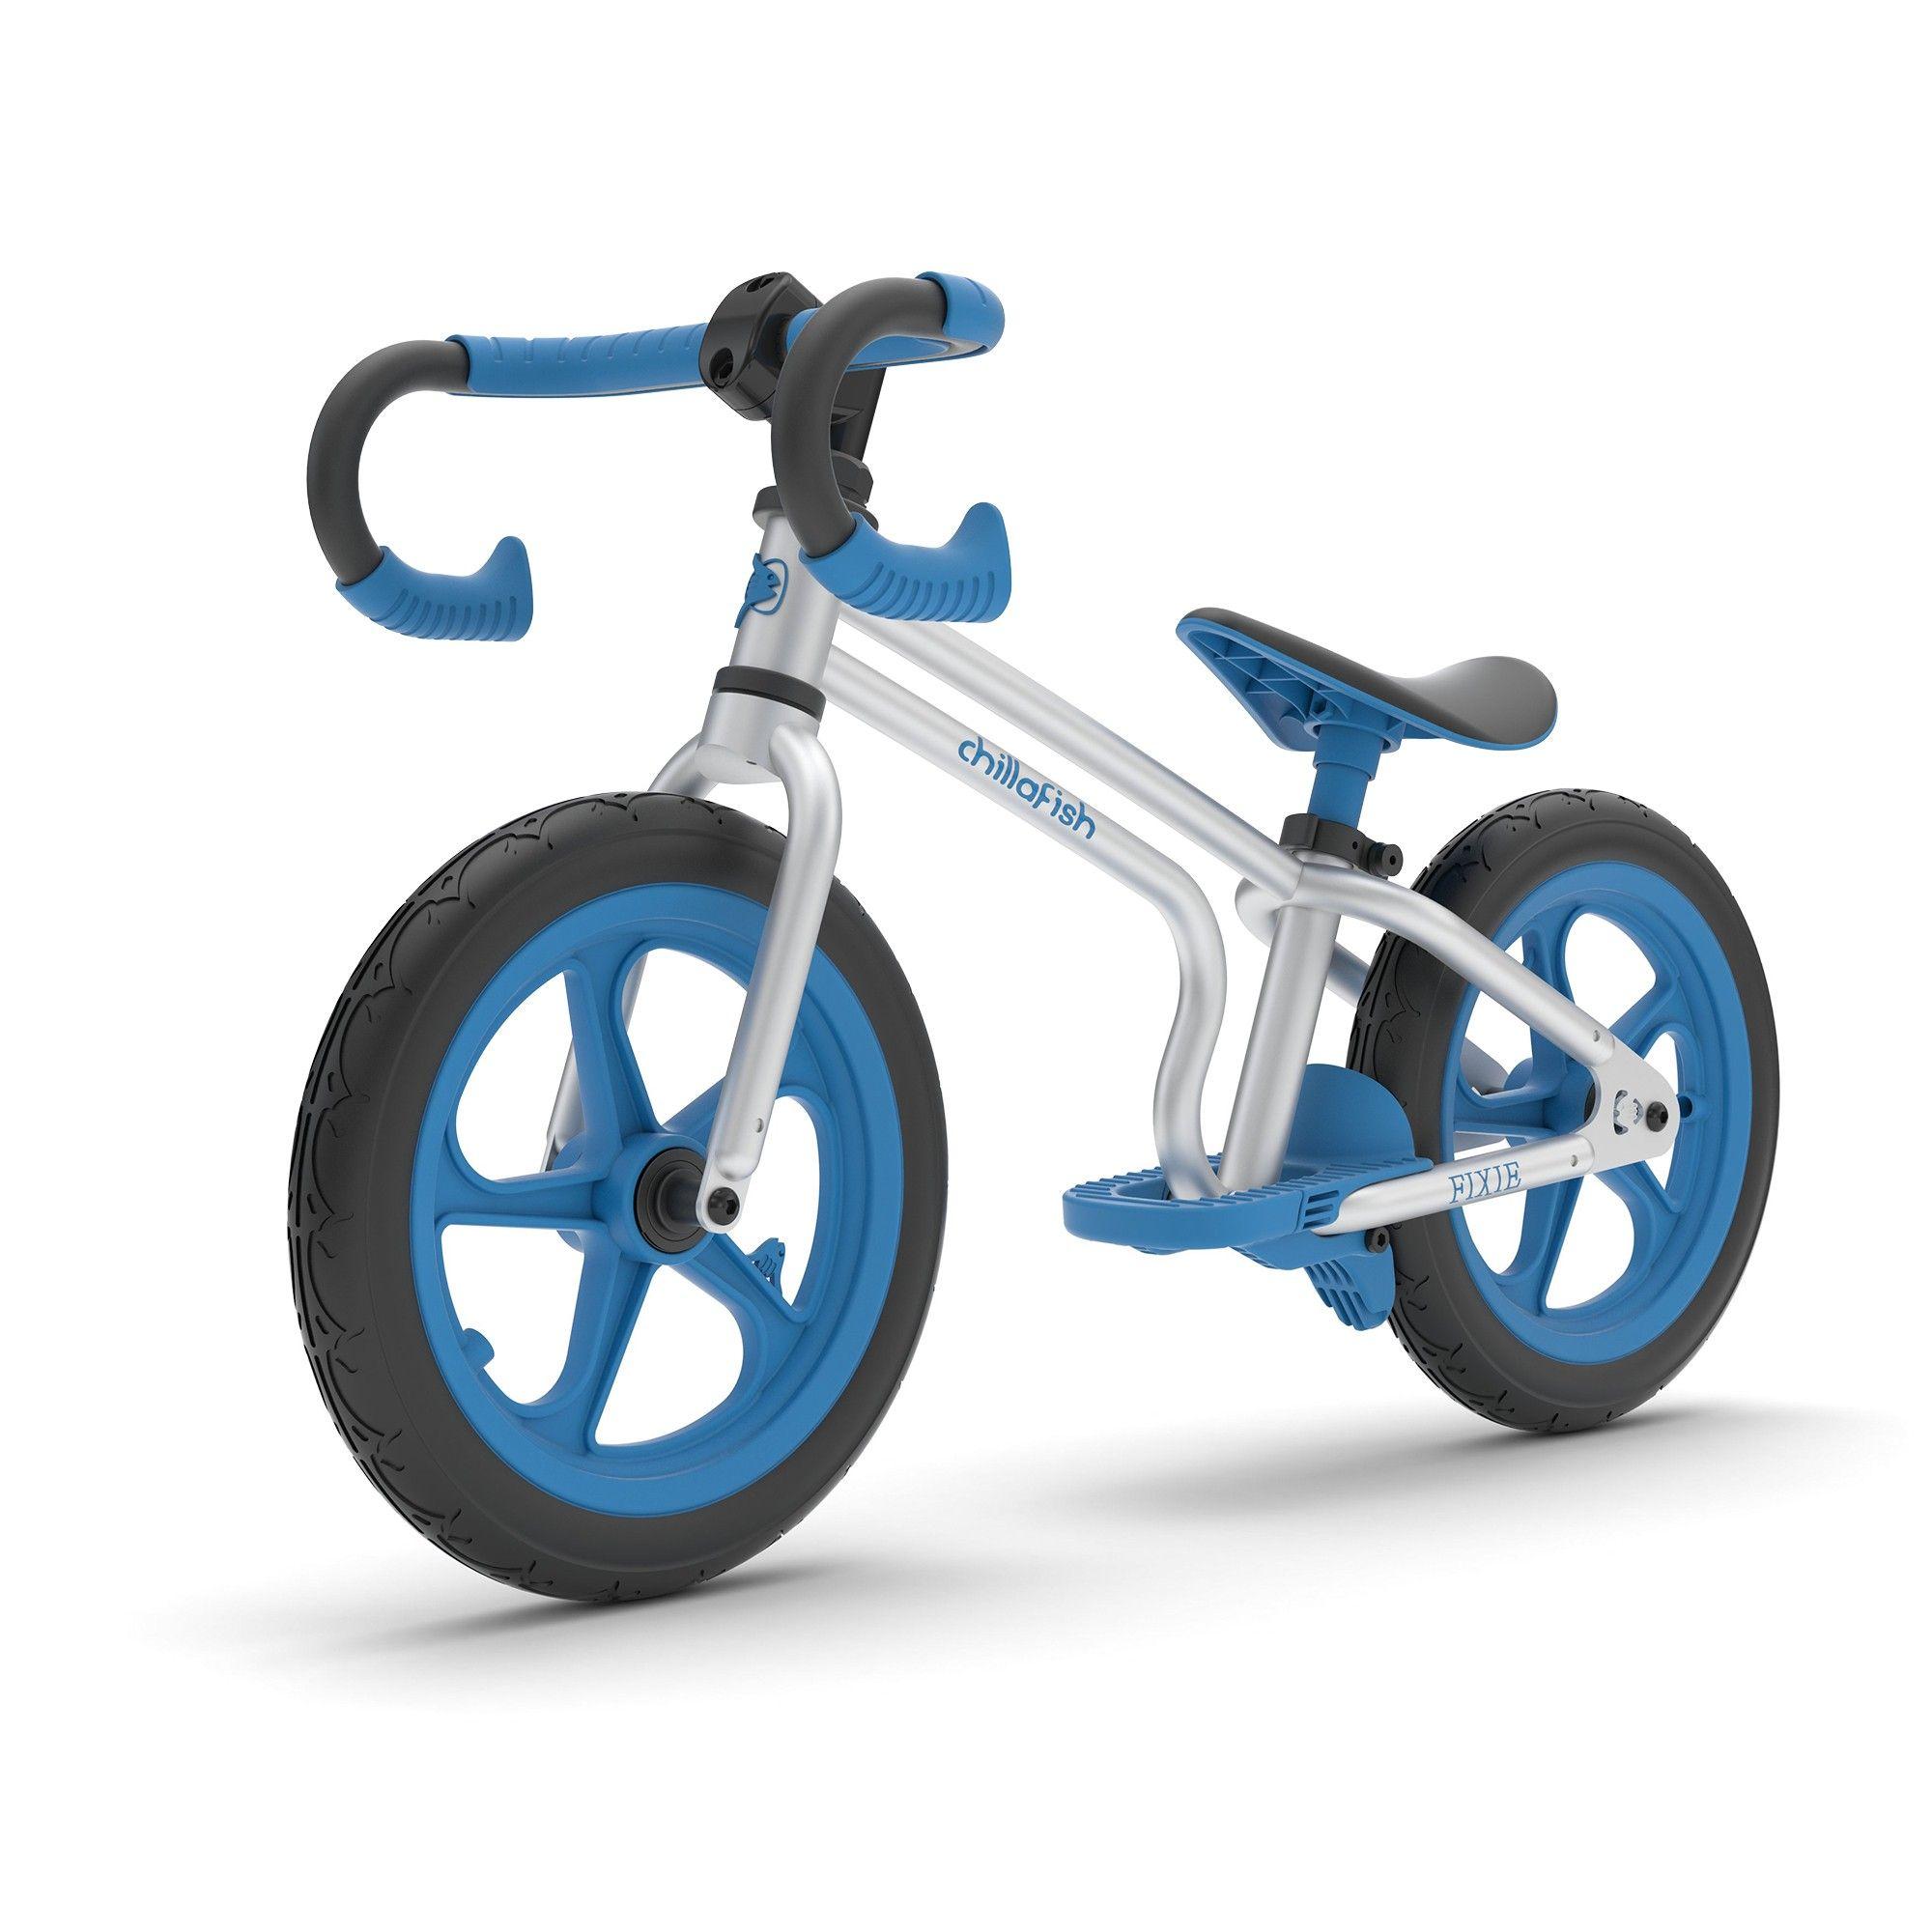 Chillafish Bunzi Gradual Balance Bike Review Balance Bike